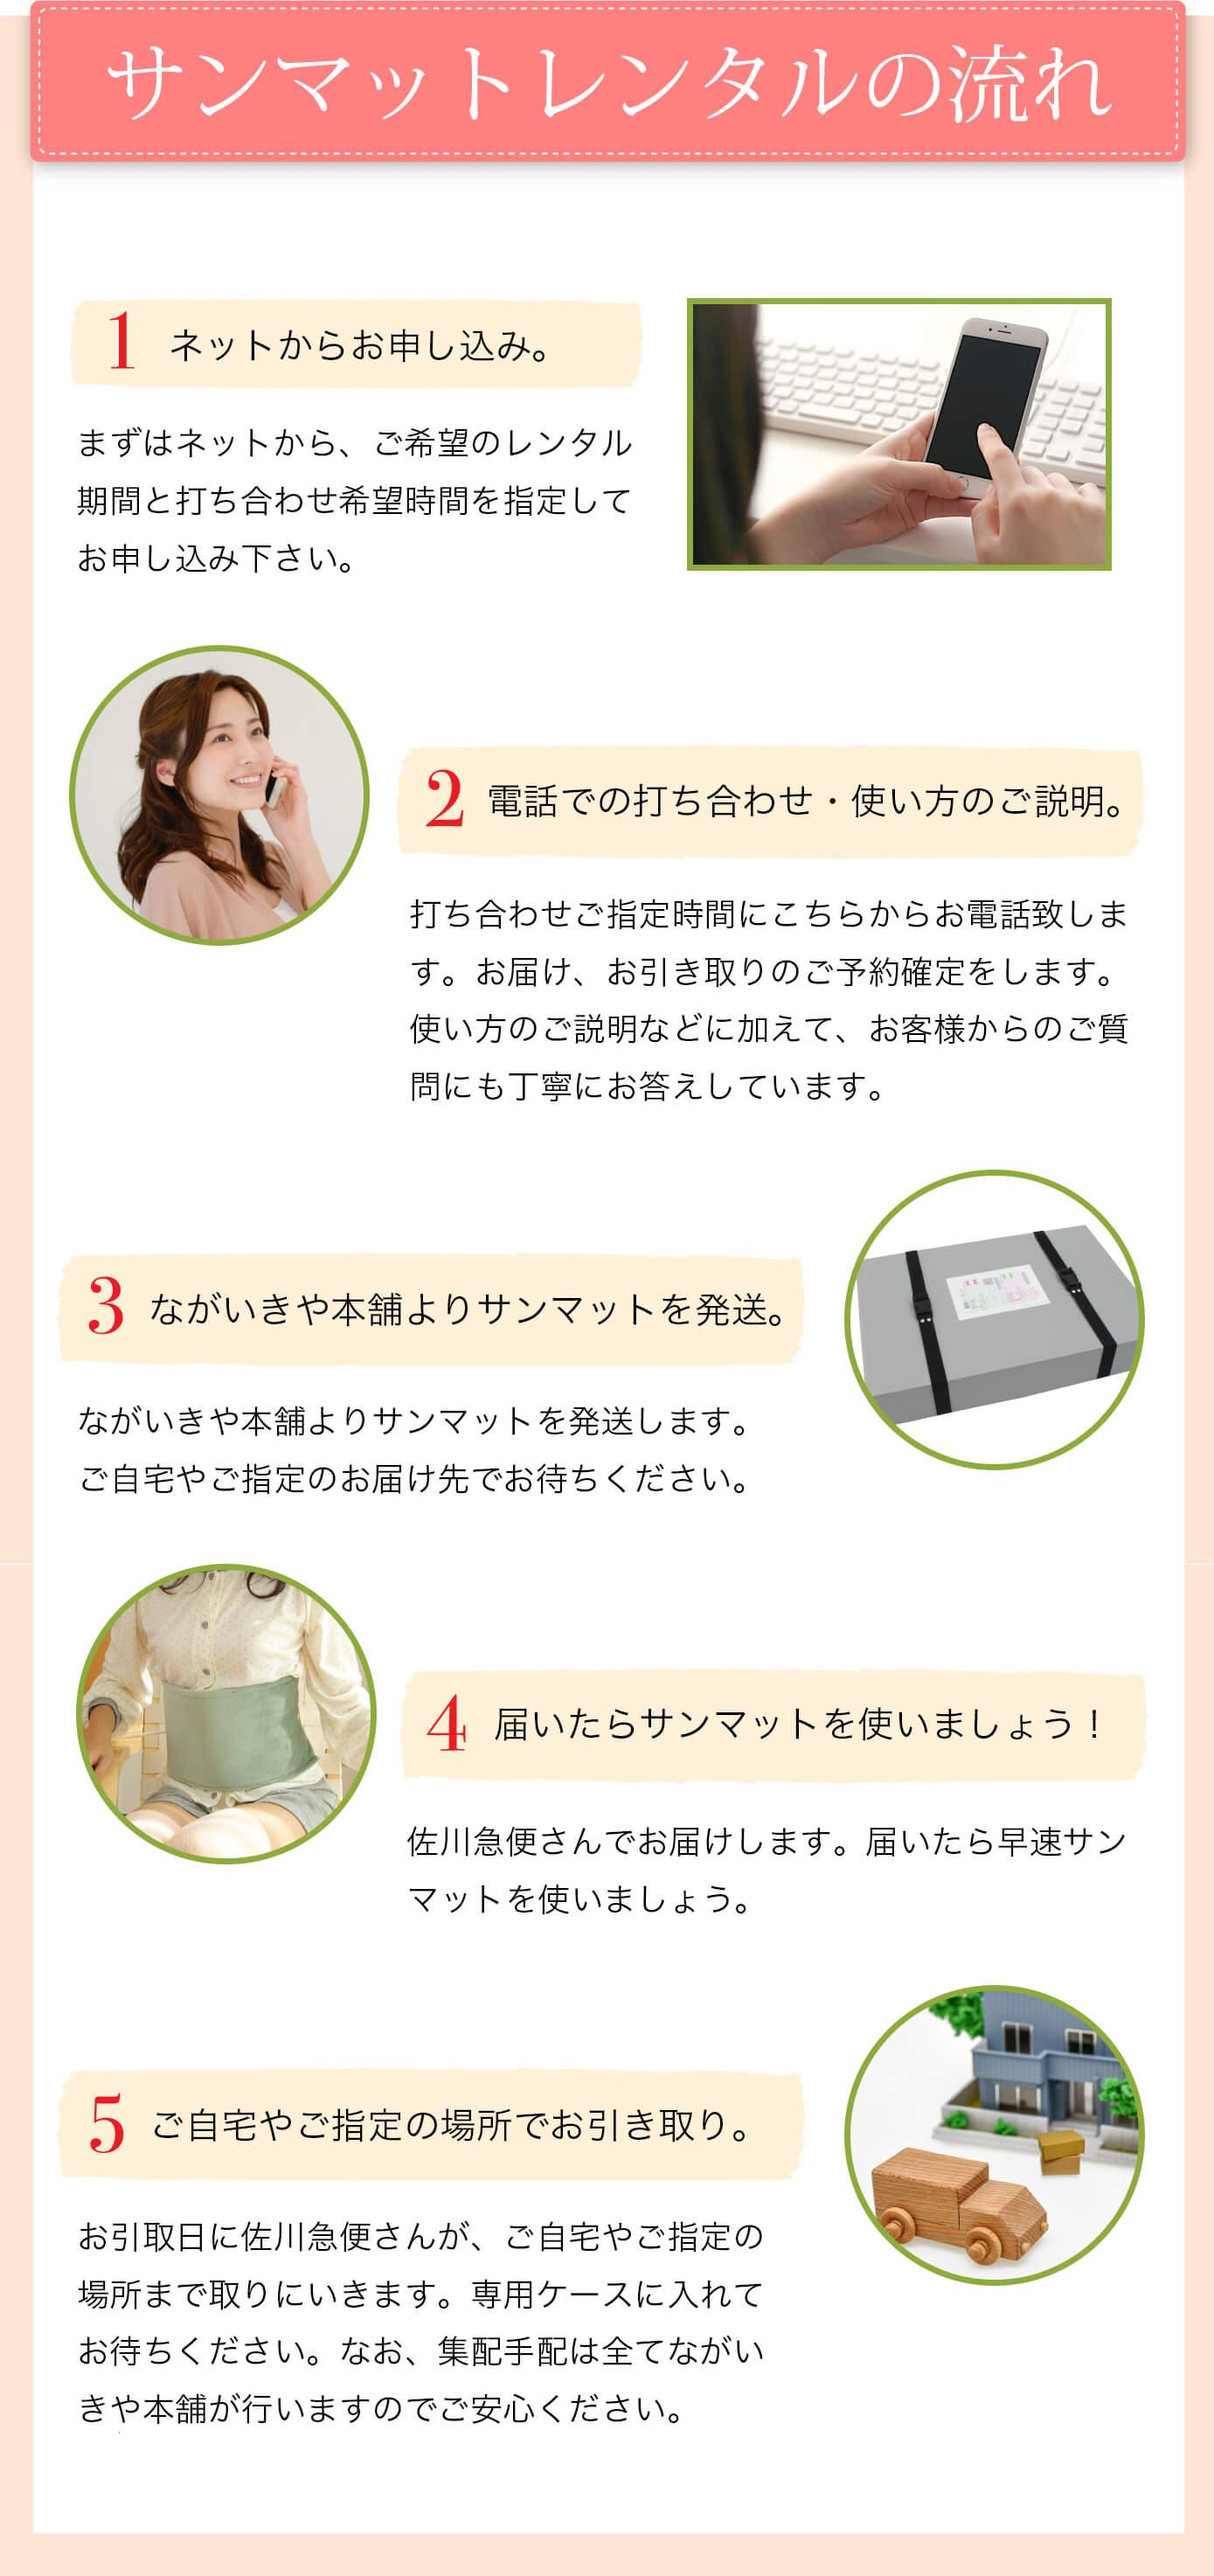 サンマット紹介7